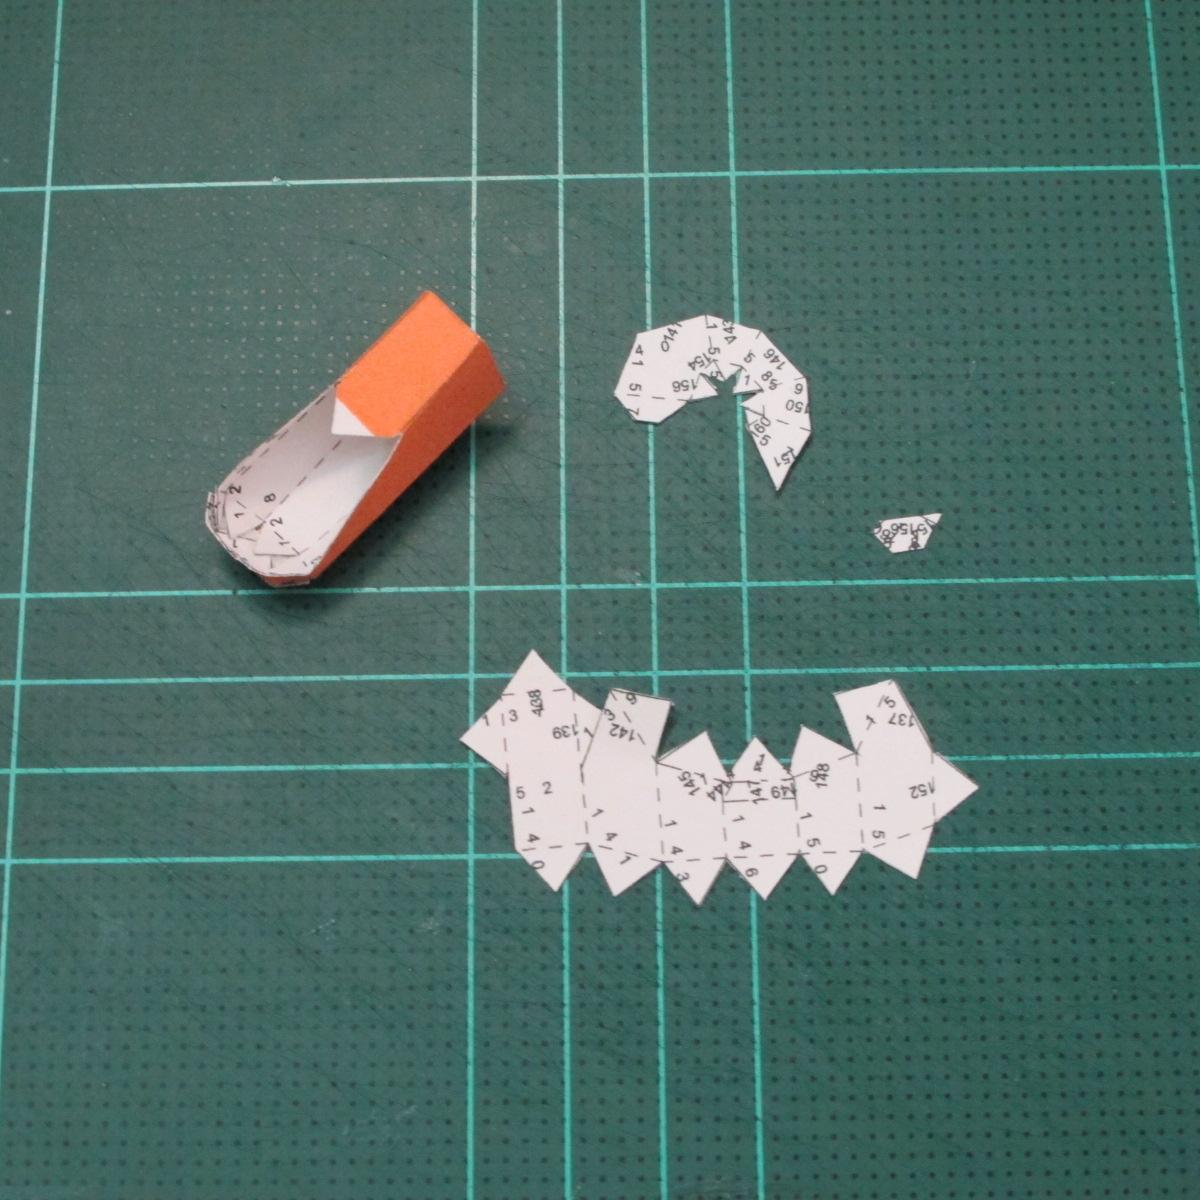 วิธีทำโมเดลกระดาษคุกกี้รัน คุกกี้รสเมฆ (Cookie Run Cloud Cookie  Papercraft Model) 003